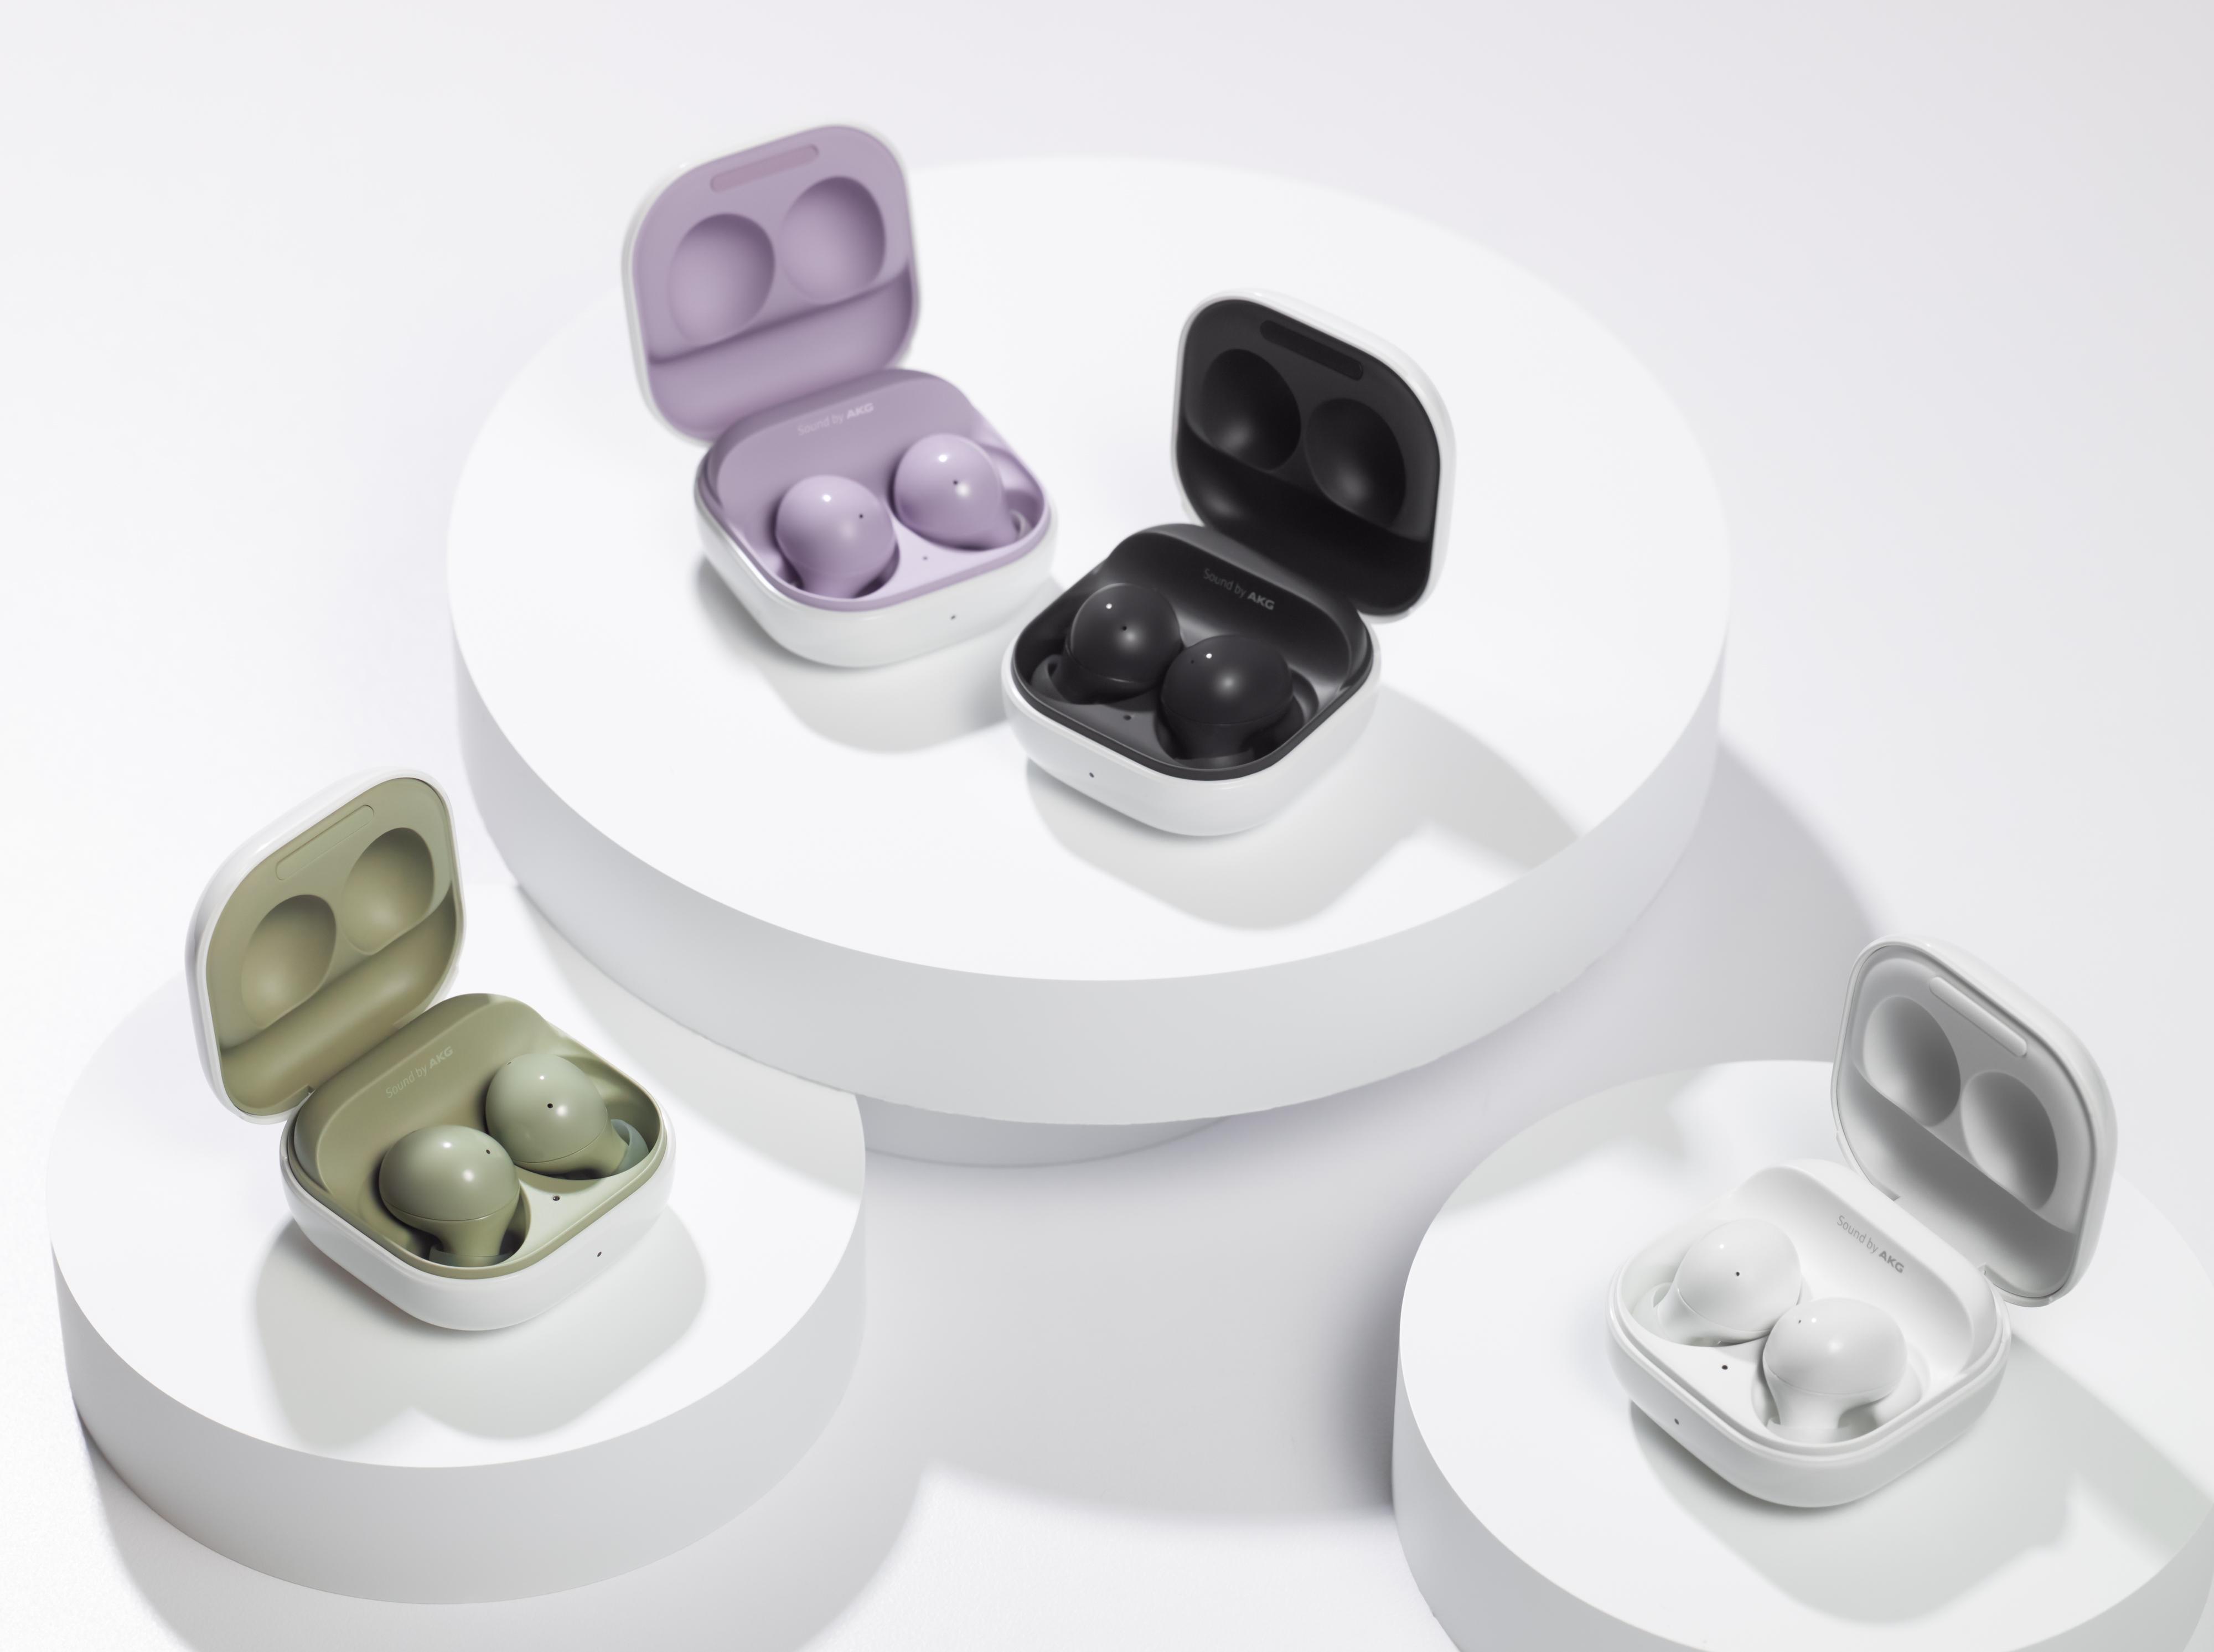 Kup słuchawki Galaxy Buds2 i zyskaj zwrot 170 PLN i 6 miesięczny dostęp do TIDAL Premium